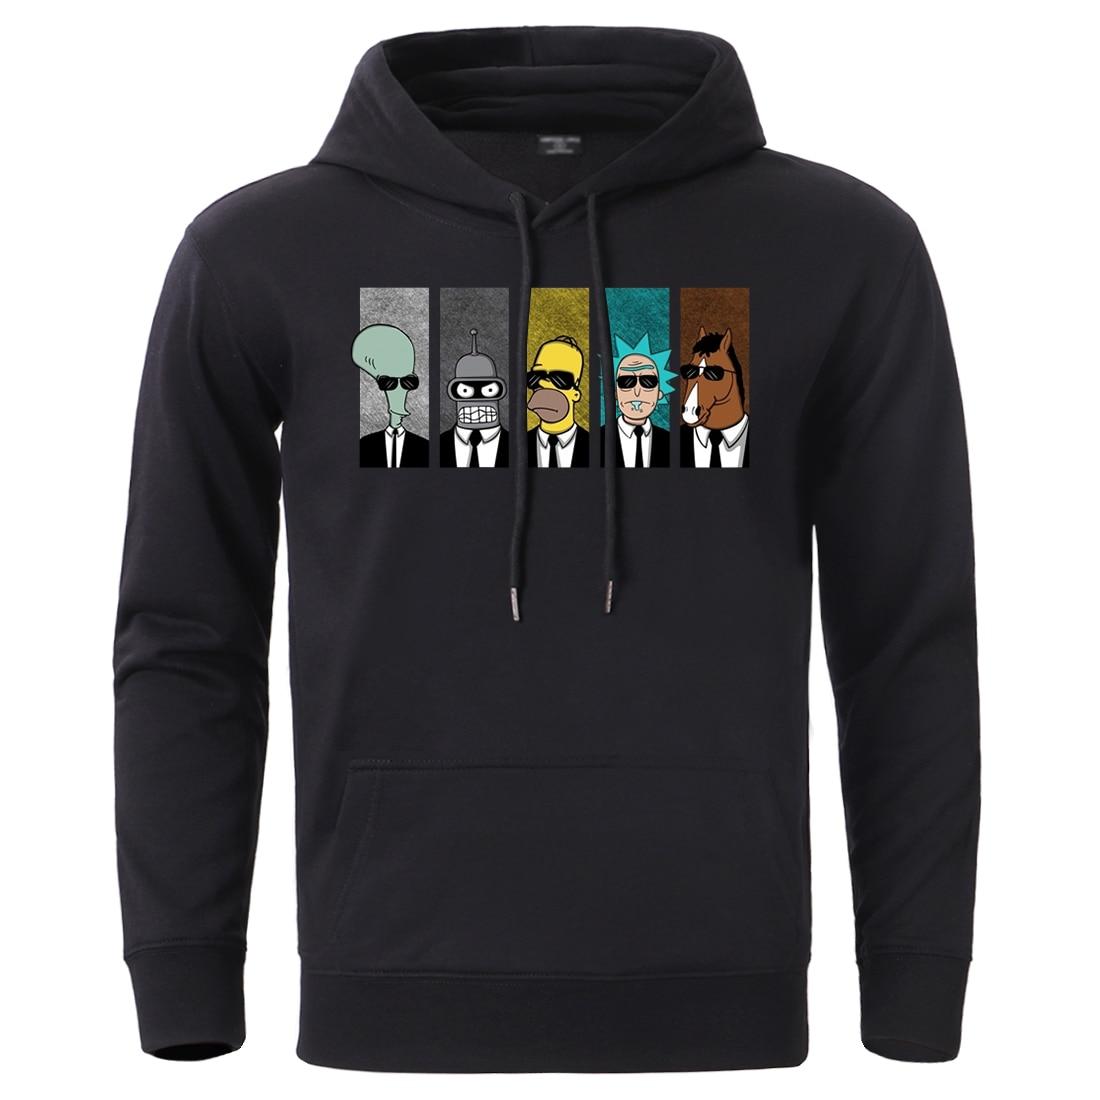 Hot Sale Rick Morty Men's Hoodies Sweatshirts Warm Spring Winter Fleece Tracksuit 2020 Funny Anime Hip Hop Streetwear Sportswear